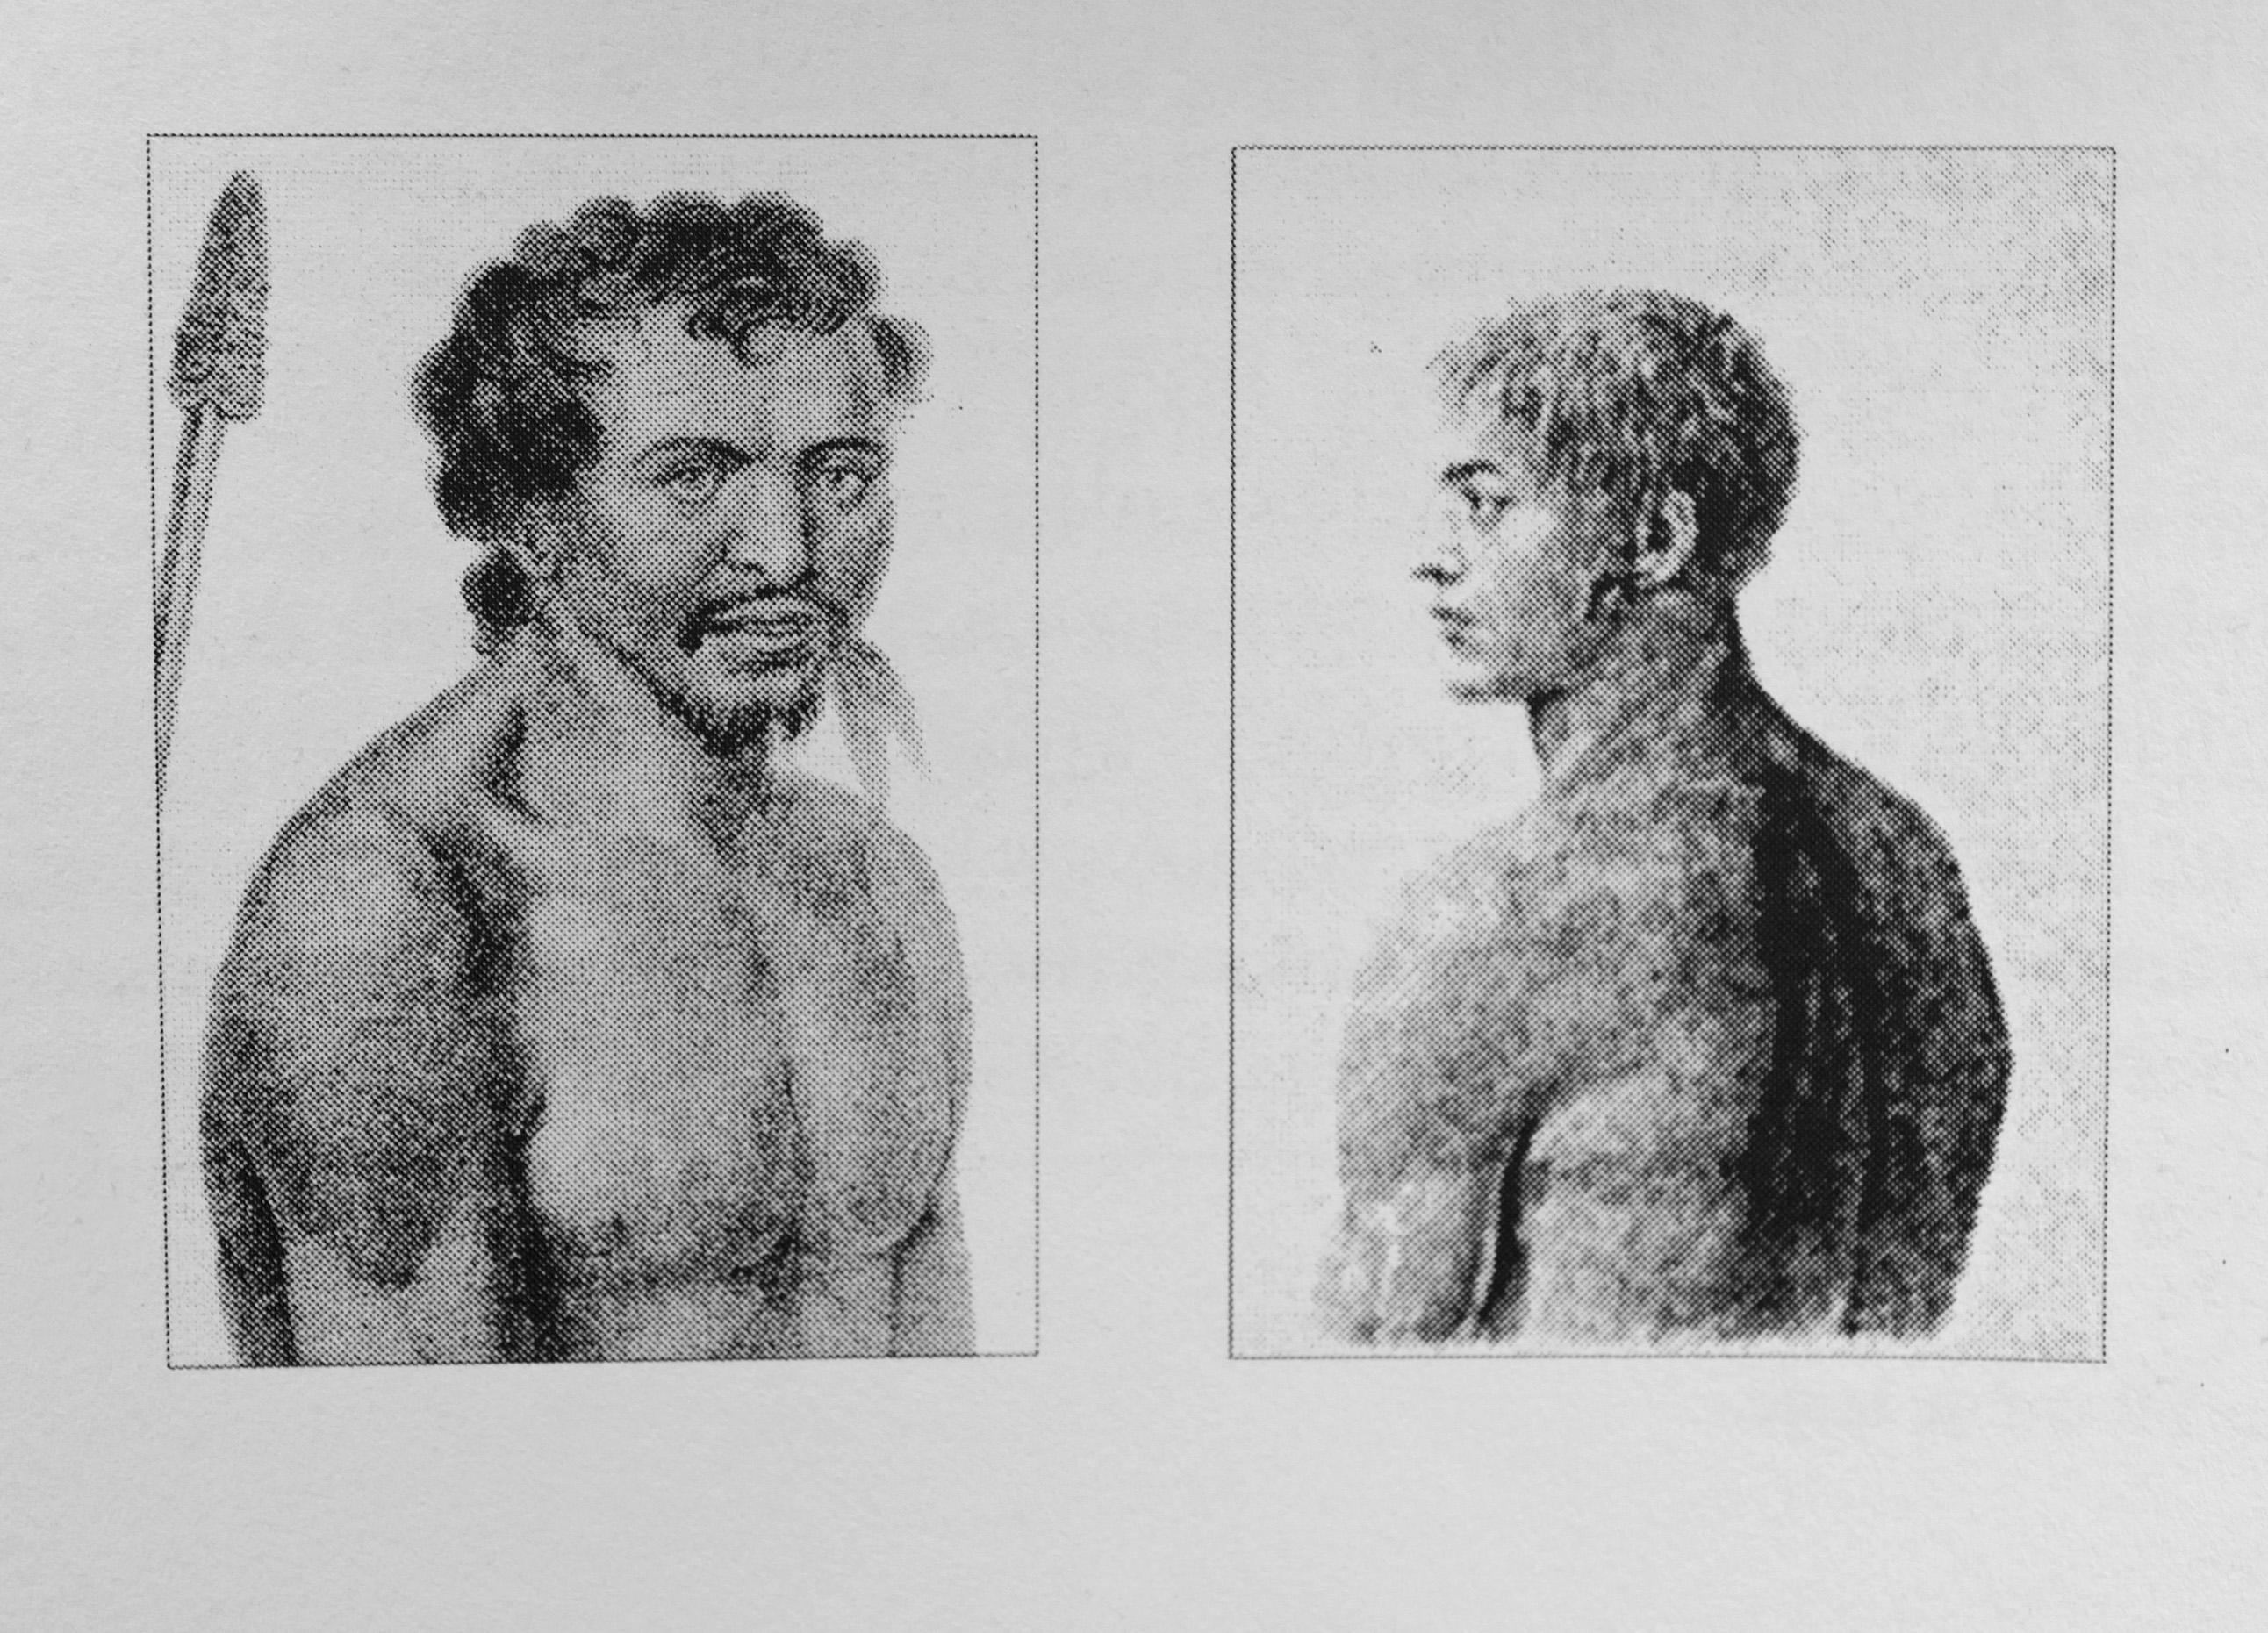 Croquis d'un natif et d'un métis de Rapa par Paul Makhailov (1820) lors de l'expédition russe de FG Bellinghausen © Api Tahiti éditions - Ginkgo éditeur